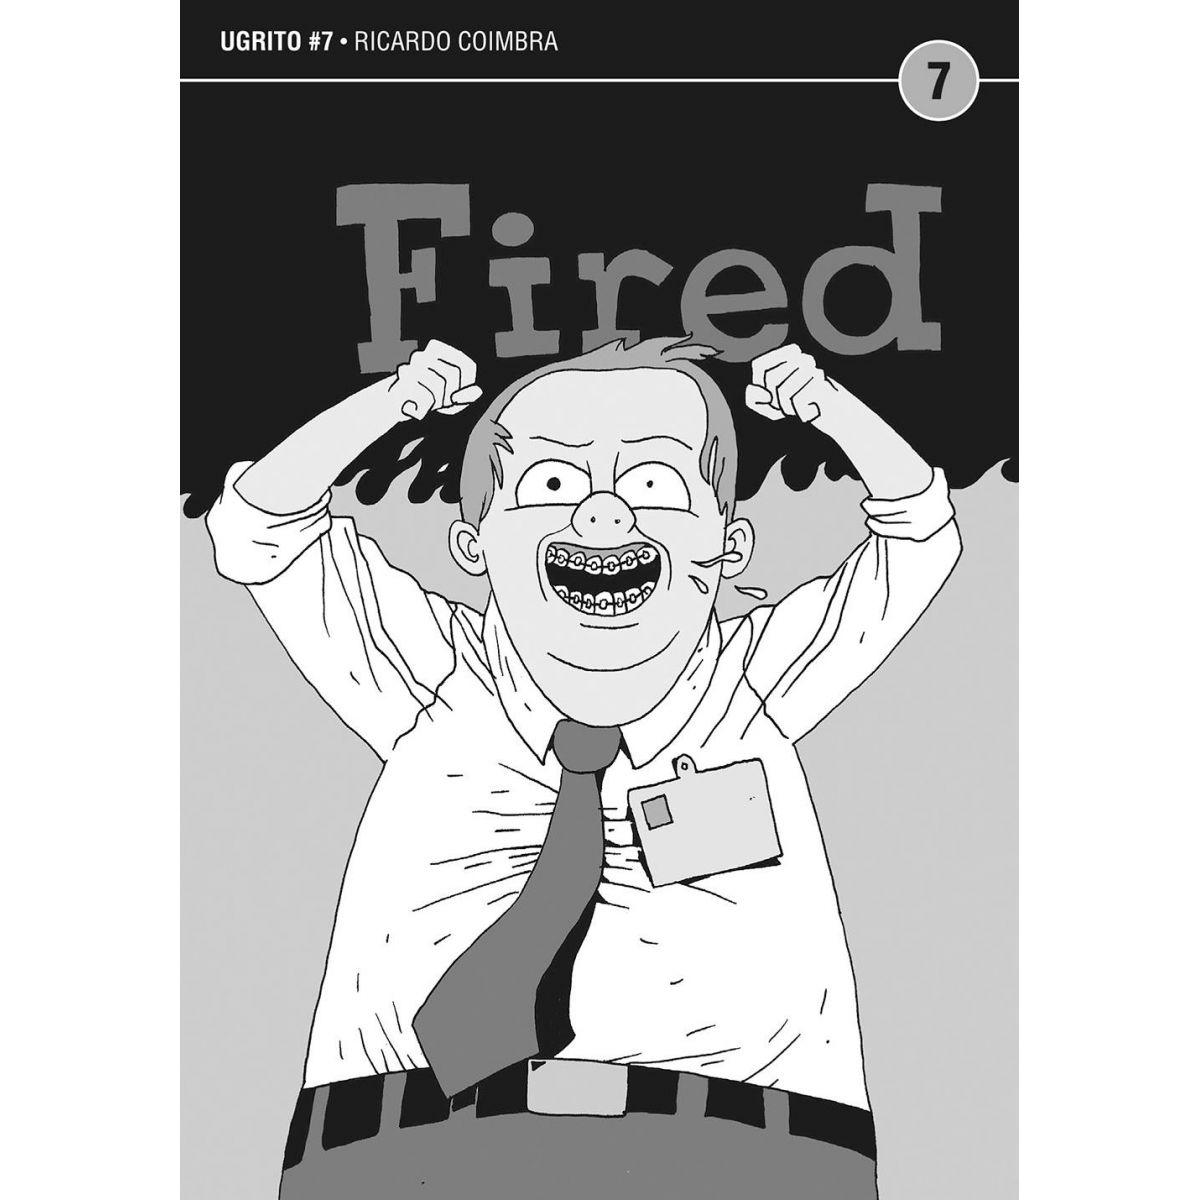 UGRITO #7: Fired